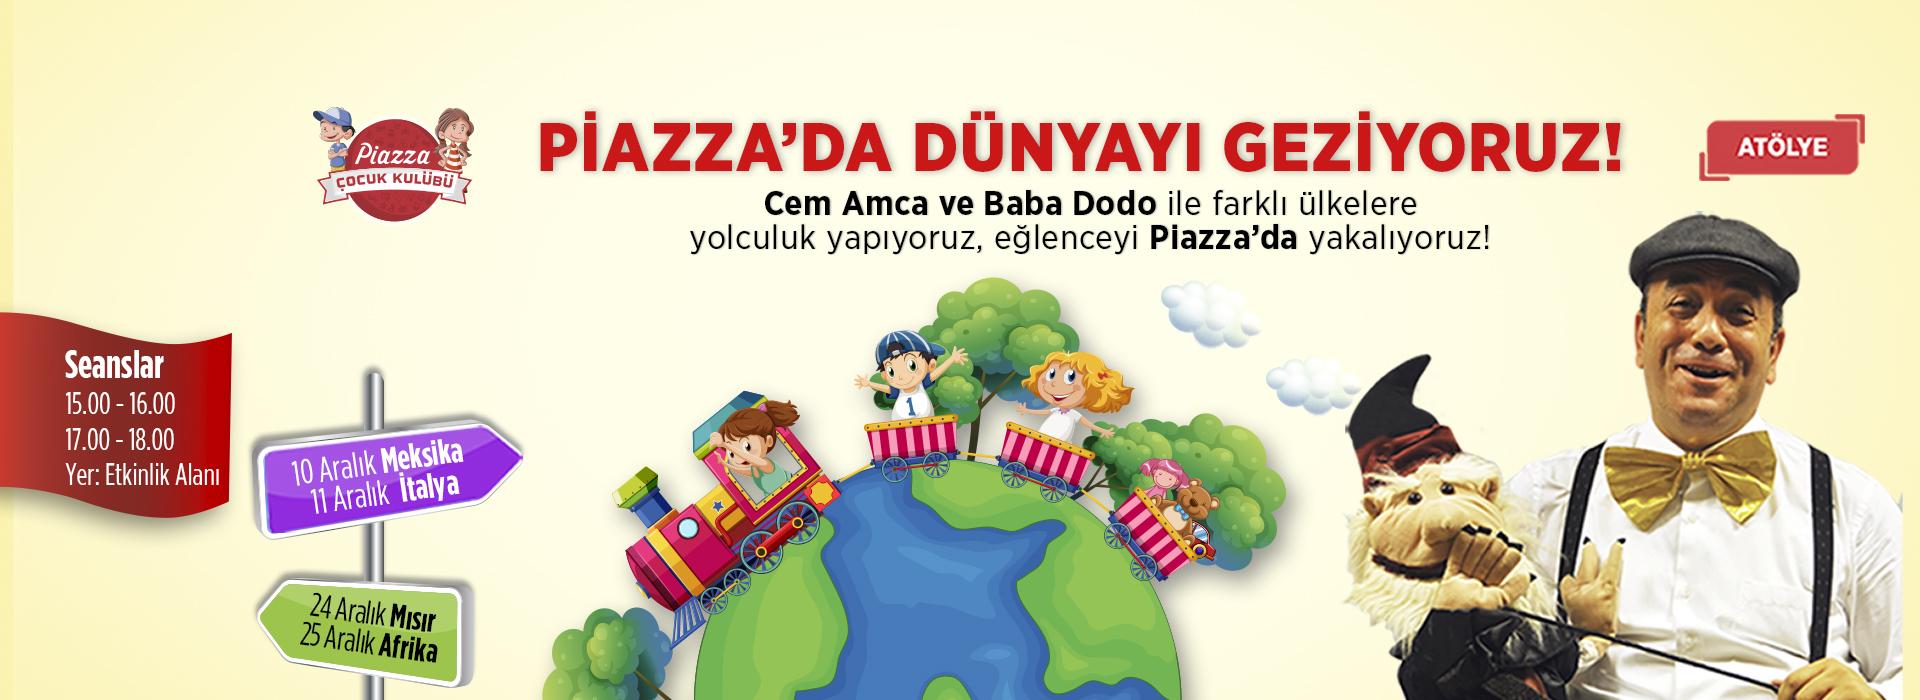 Piazza'da Dünyayı Geziyoruz!